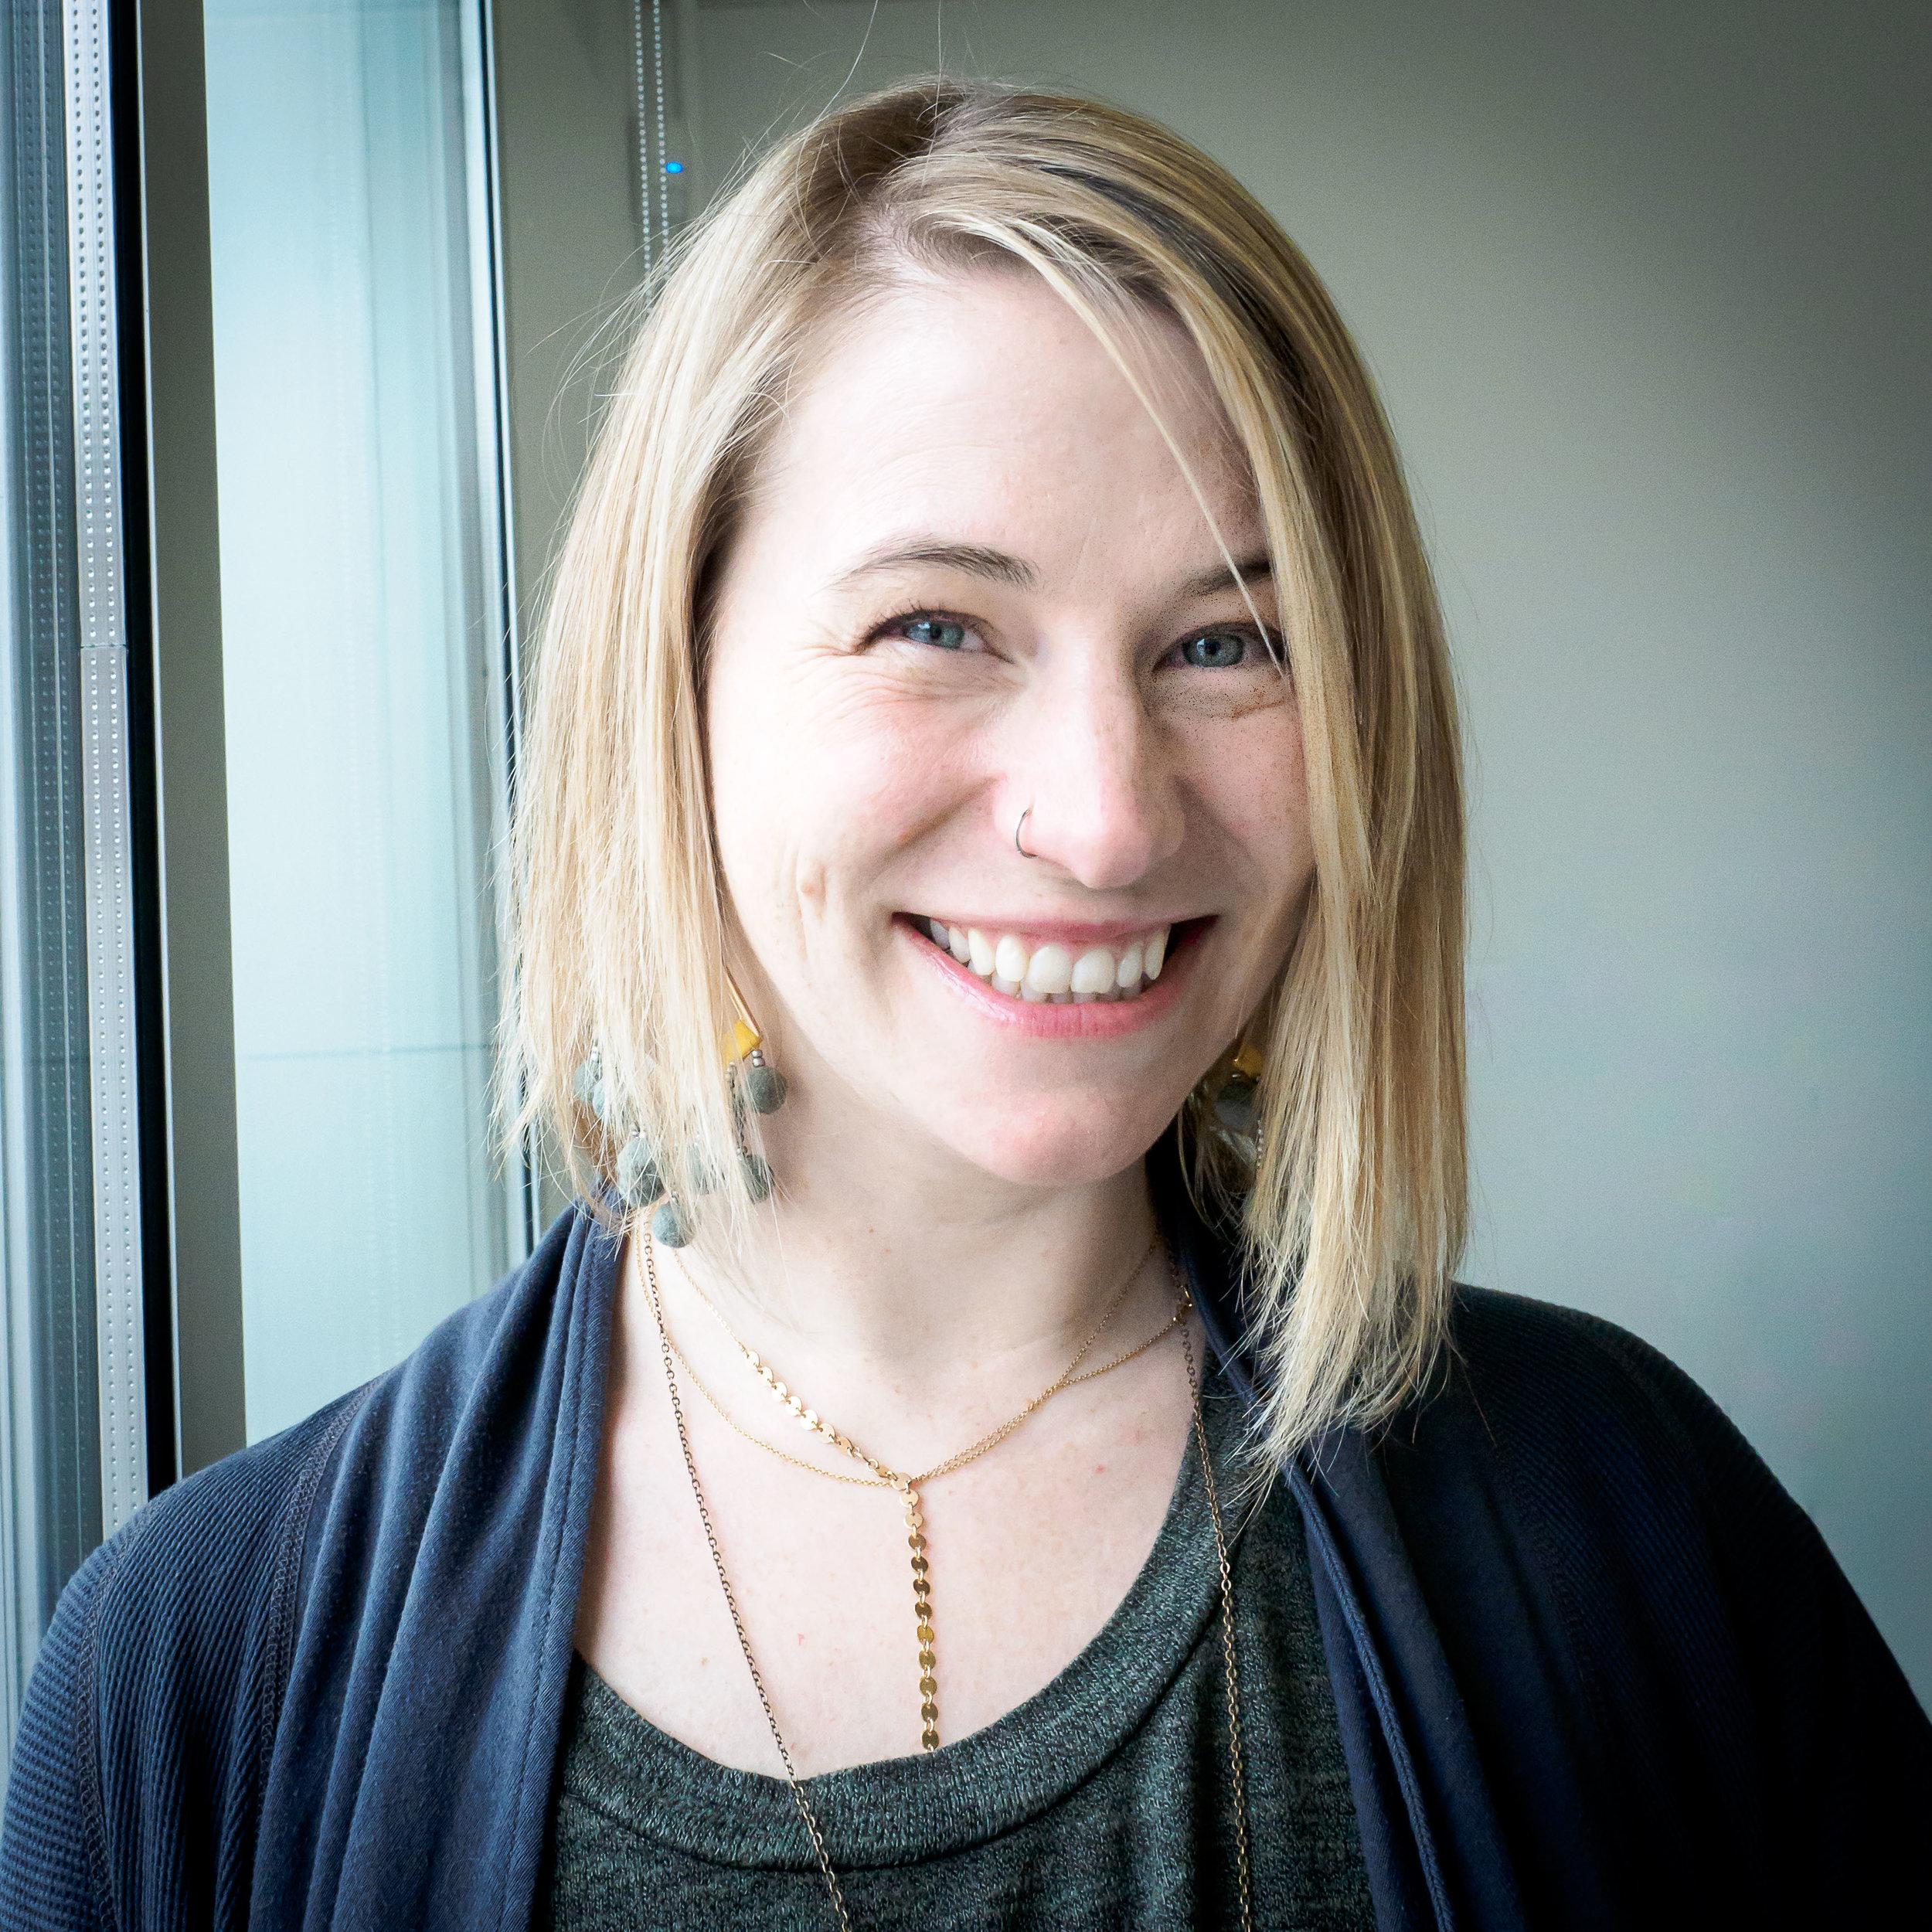 Kate-Van-Steenhuyse.jpg